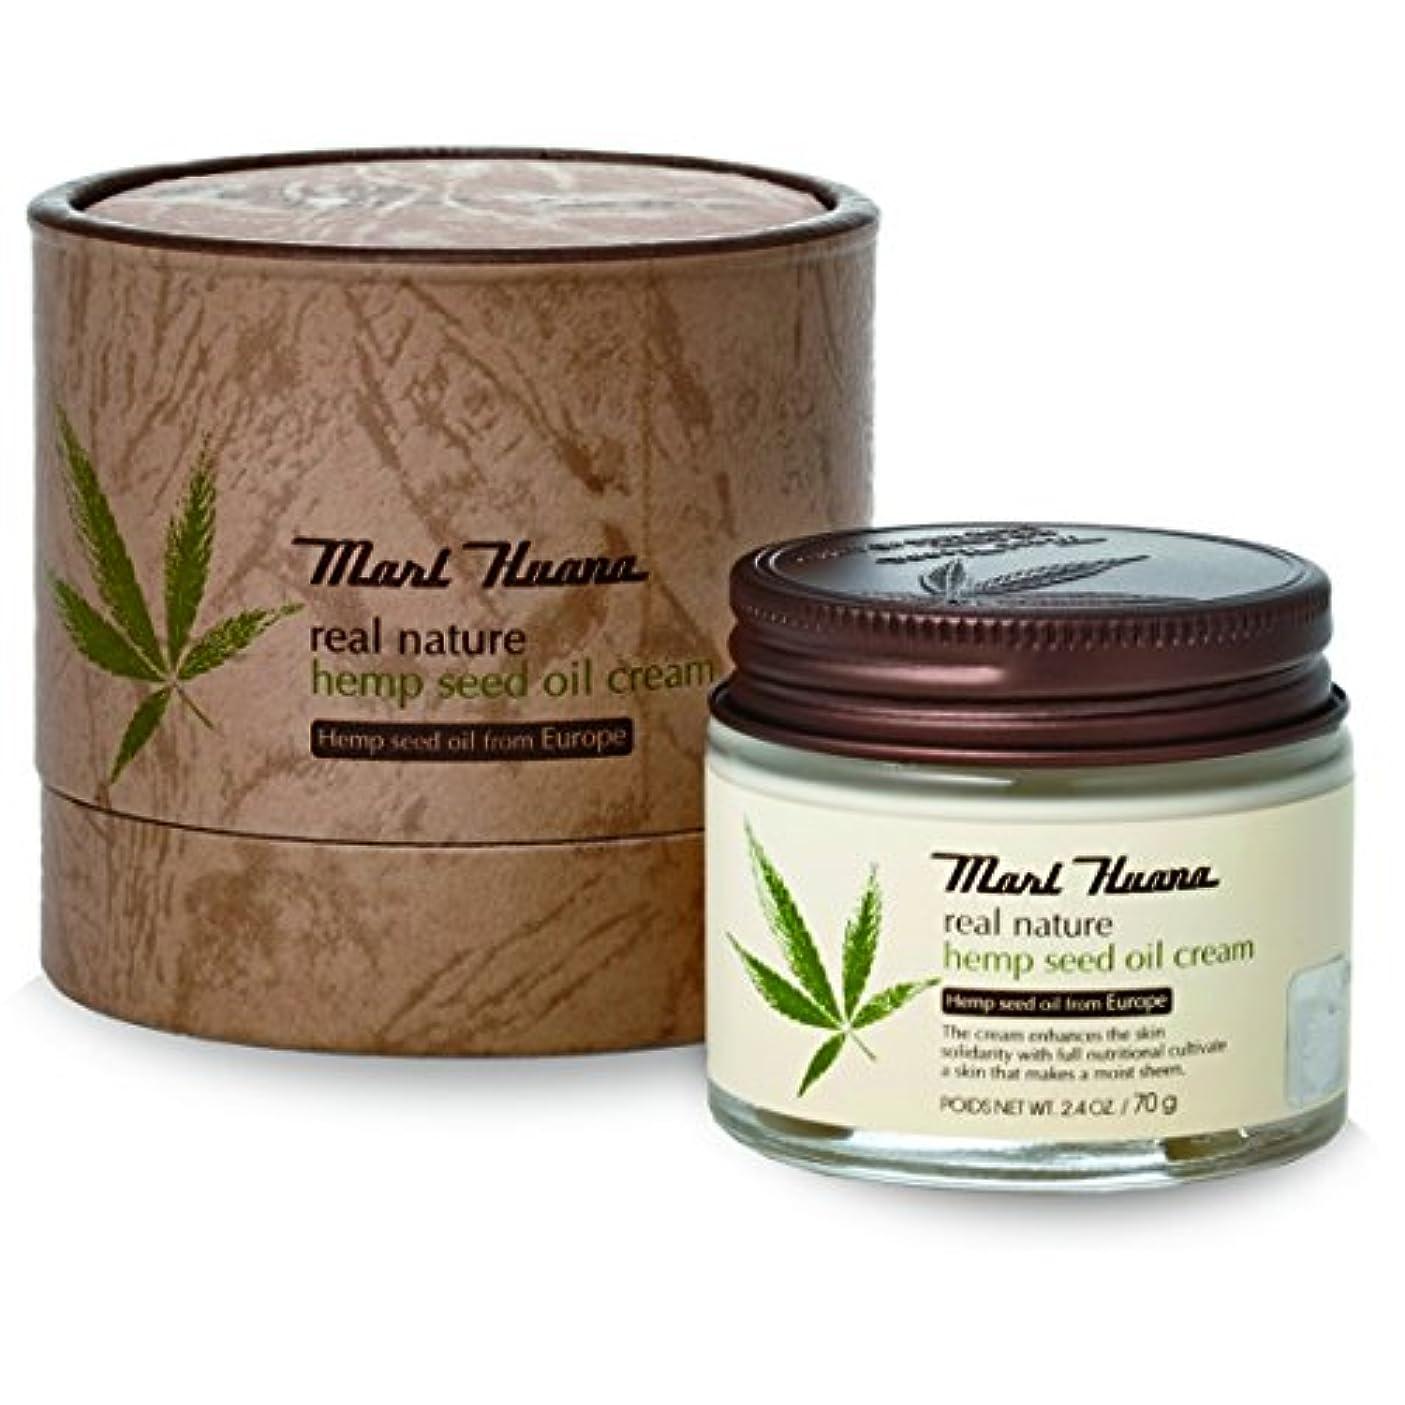 偽善長さホラー[訳有り?OUTLET] Marihuana Real Natural Hemp Seed Oil Cream マリーフアナ リアルナチュラルヘンプシードオイルクリーム [並行輸入品]